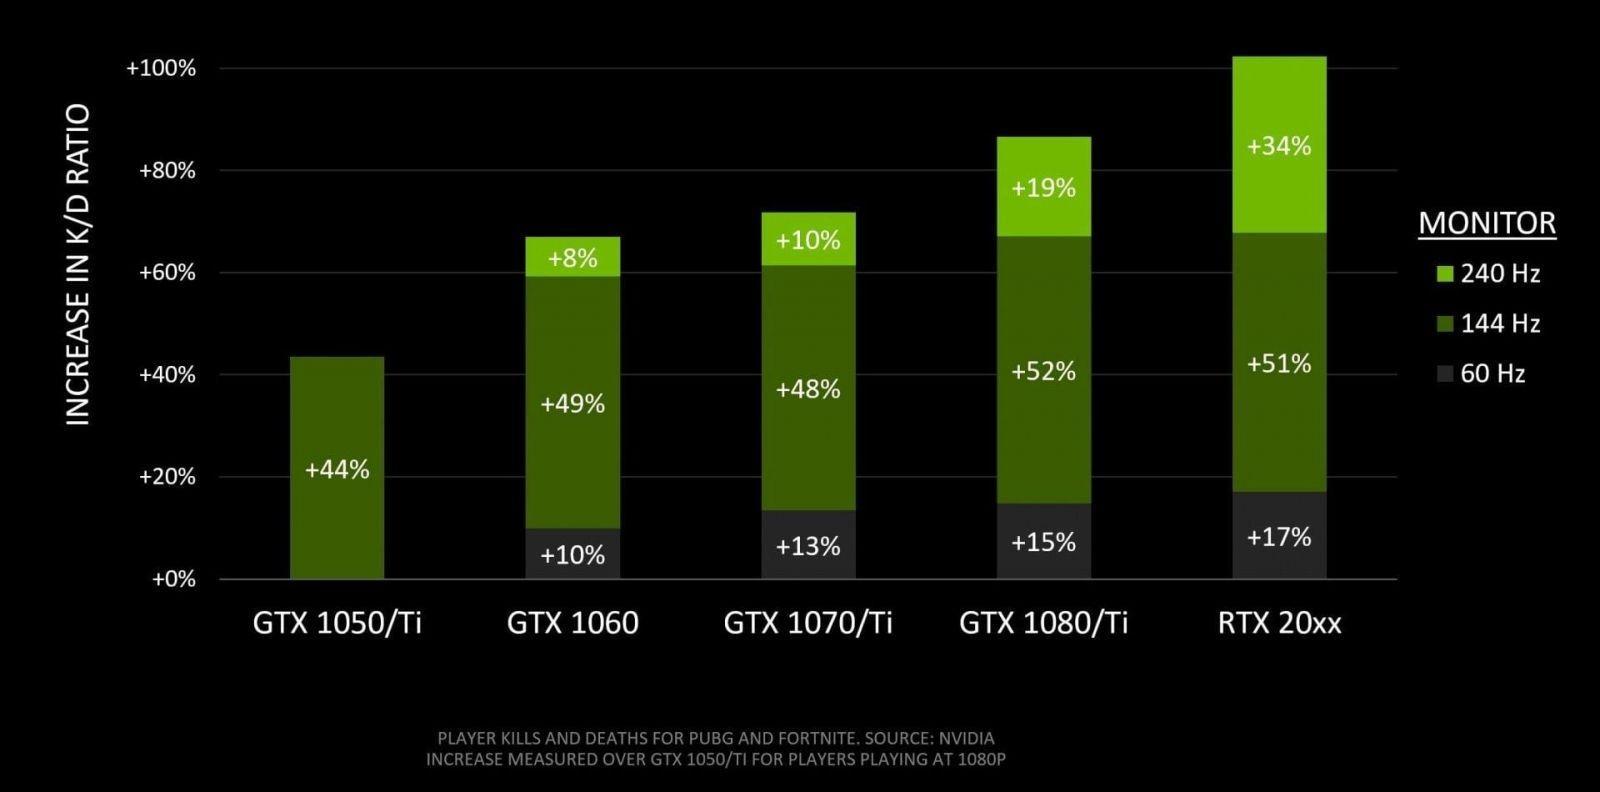 NVIDIA показала, почему геймеры PUBG и Fortnite должны инвестировать в видеокарты (nvidia monitor vs kd ratio)